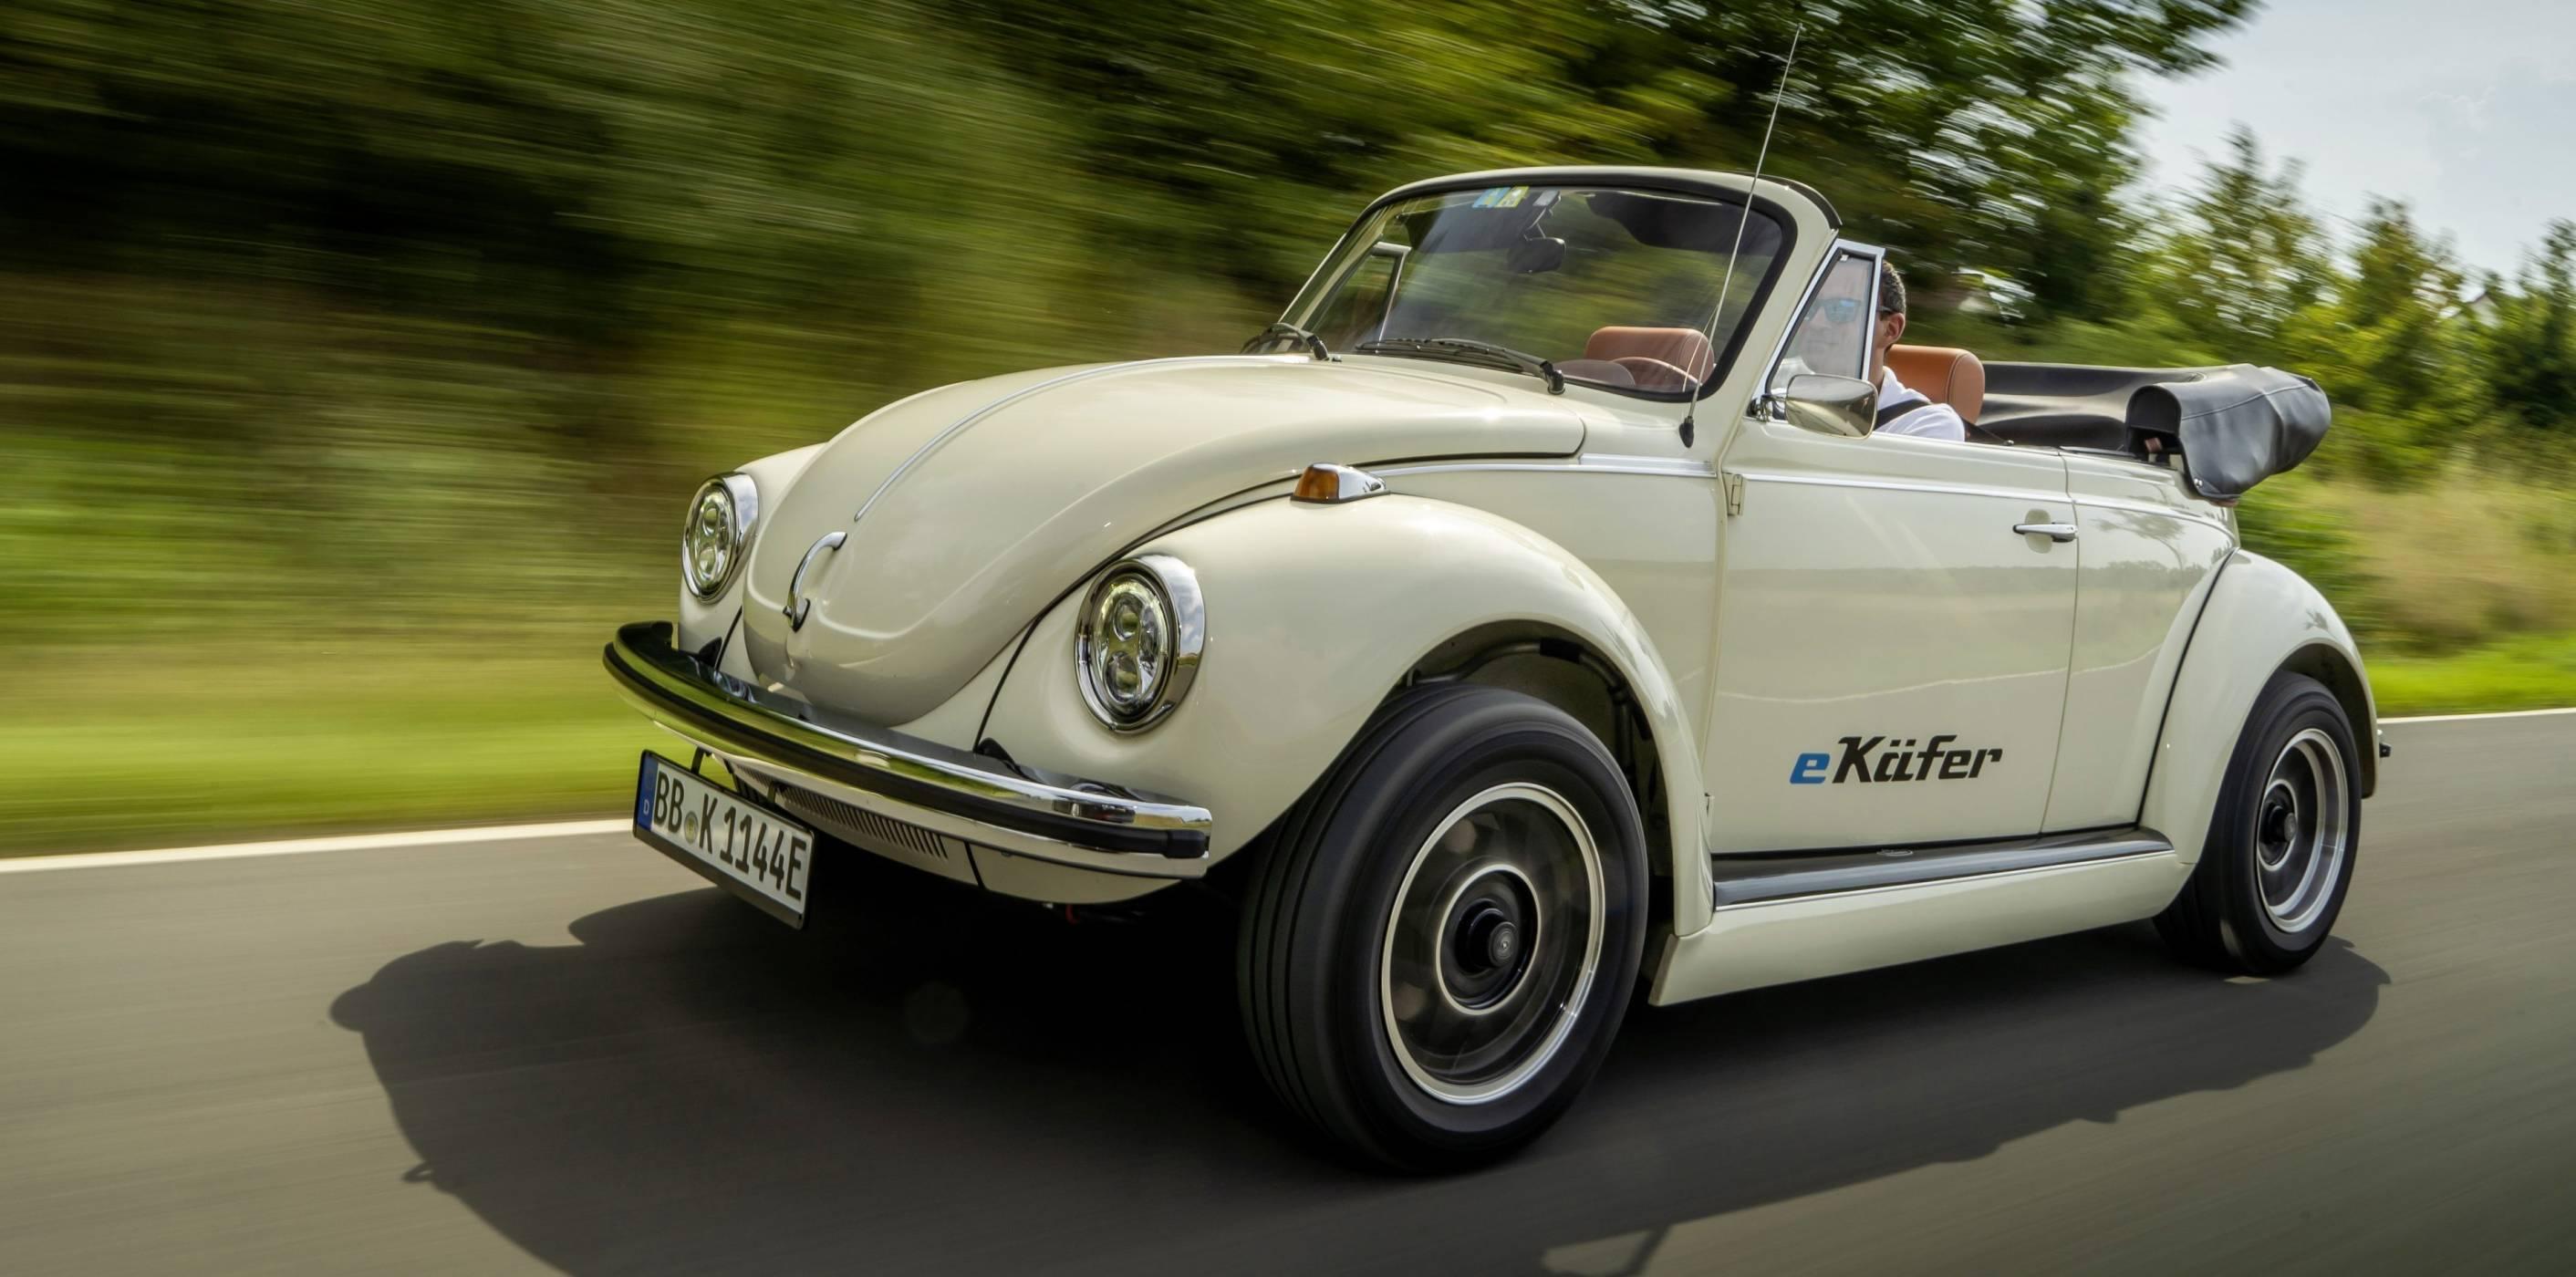 VW Beetle получава нов живот и е-двигател